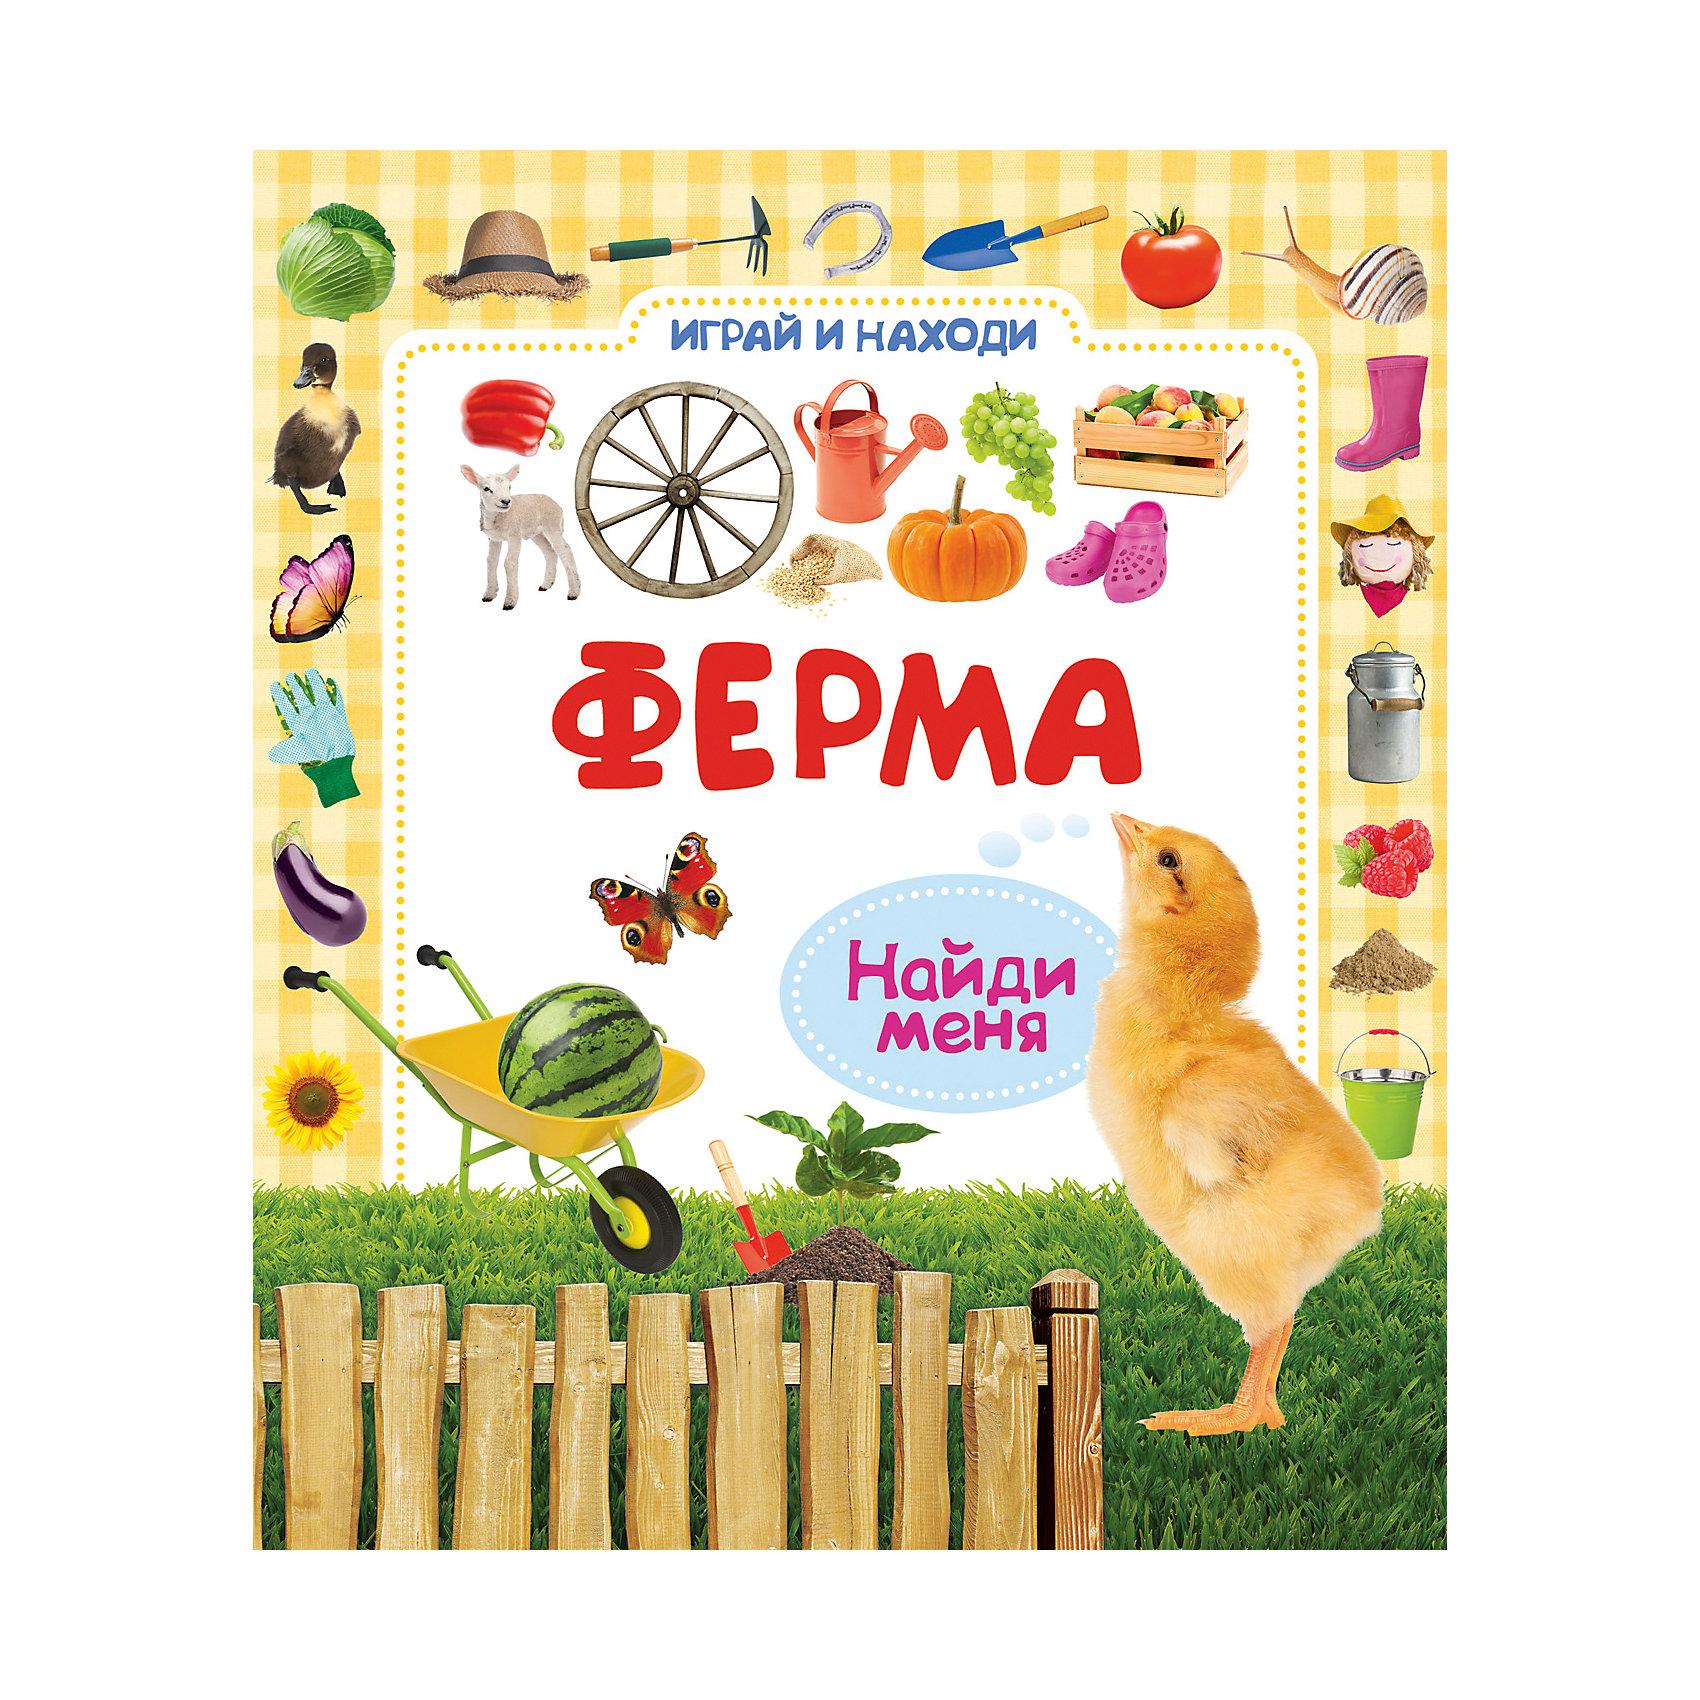 Играй и находи ФермаХарактеристики товара:<br><br>- цвет: разноцветный;<br>- материал: бумага;<br>- страниц: 6;<br>- формат: 25 х 22 см;<br>- обложка: твердая;<br>- иллюстрации.<br><br>Учиться важным навыкам можно в веселой форме! Эта интересная книга с иллюстрациями станет отличным подарком для ребенка. Она поможет малышу узнать новое и равить важные навыки, находя нужные объекты. Талантливый иллюстратор дополнил книгу качественными рисунками, которые помогают ребенку познавать мир.<br>Такие игры помогает ребенку развивать зрительную память, концентрацию внимания и воображение. Издание произведено из качественных материалов, которые безопасны даже для самых маленьких.<br><br>Книгу Играй и находи Ферма от компании Росмэн можно купить в нашем интернет-магазине.<br><br>Ширина мм: 250<br>Глубина мм: 225<br>Высота мм: 7<br>Вес г: 275<br>Возраст от месяцев: 0<br>Возраст до месяцев: 36<br>Пол: Унисекс<br>Возраст: Детский<br>SKU: 5110307